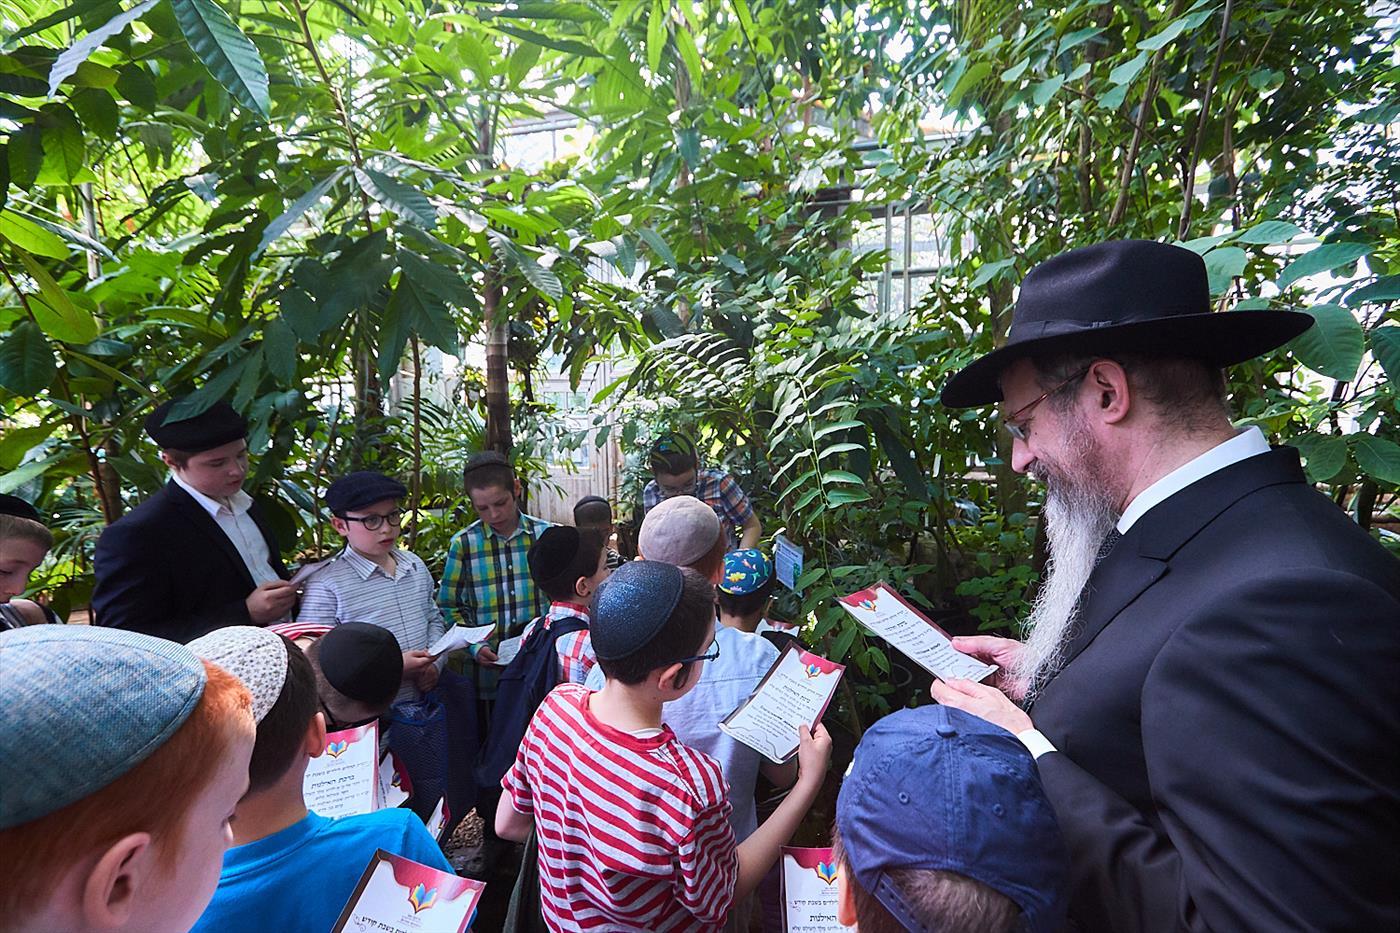 הרב בערל לאזר בברכת האילנות עם ילדי בית הכנסת   (צילום: לוי נאזרוב)